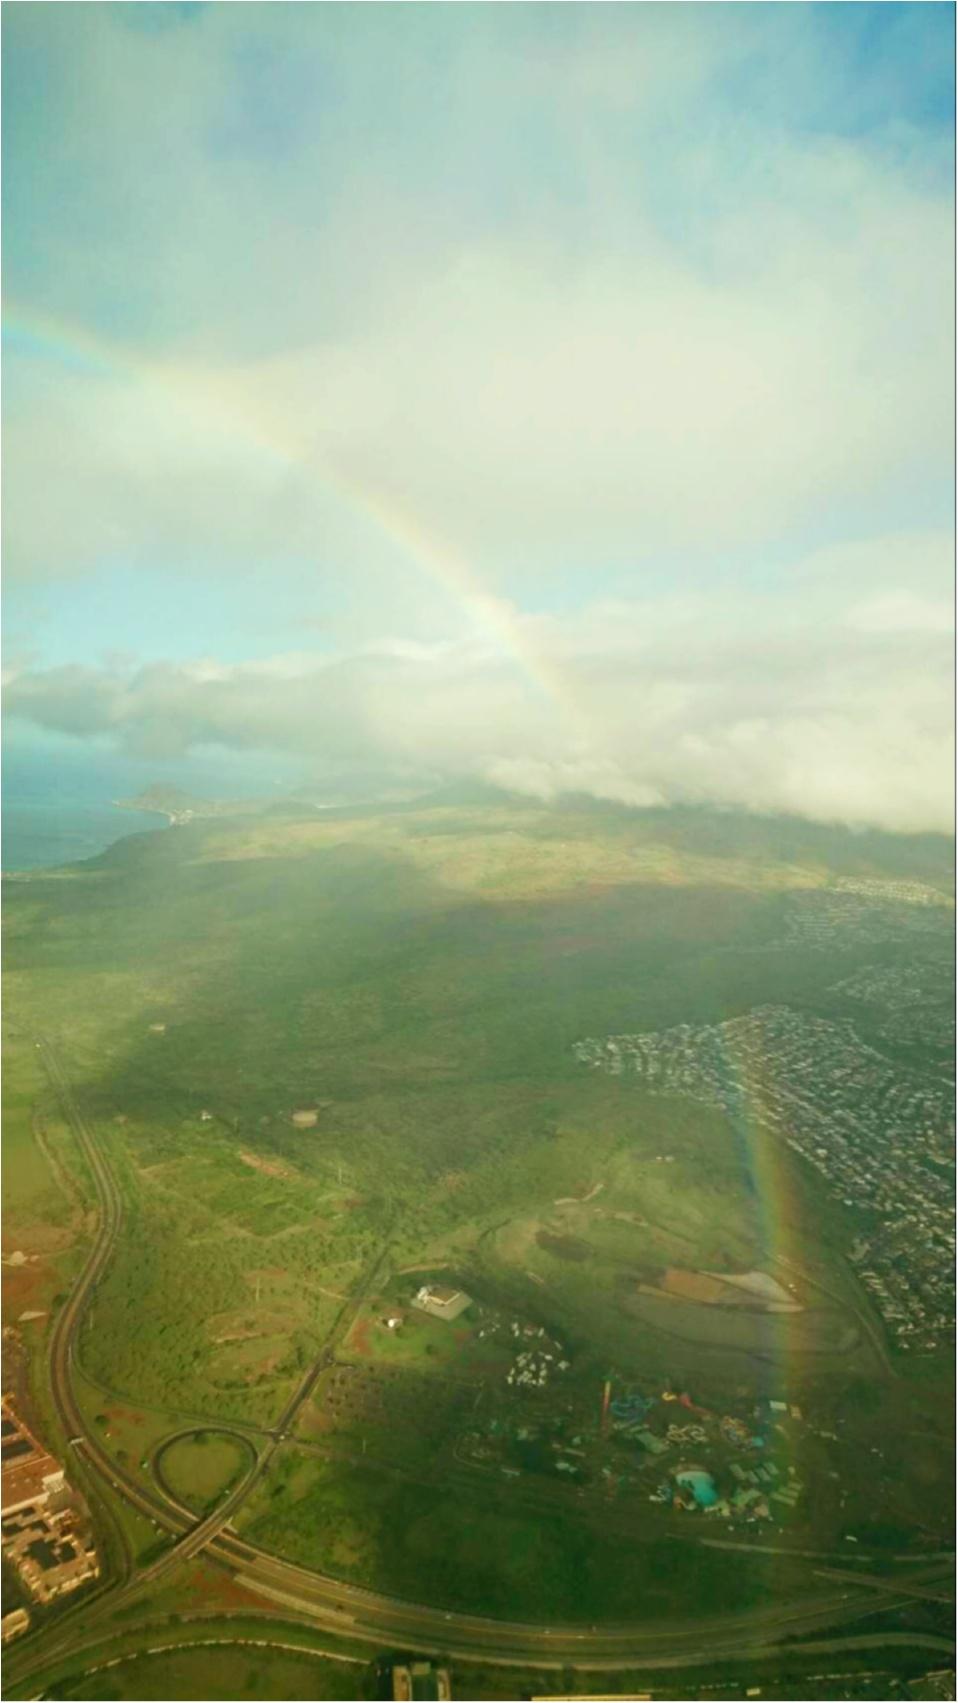 ハワイにきました!!★最新から穴場まで見どころたっぷりご紹介します〜HAWAII旅vol.1〜_4